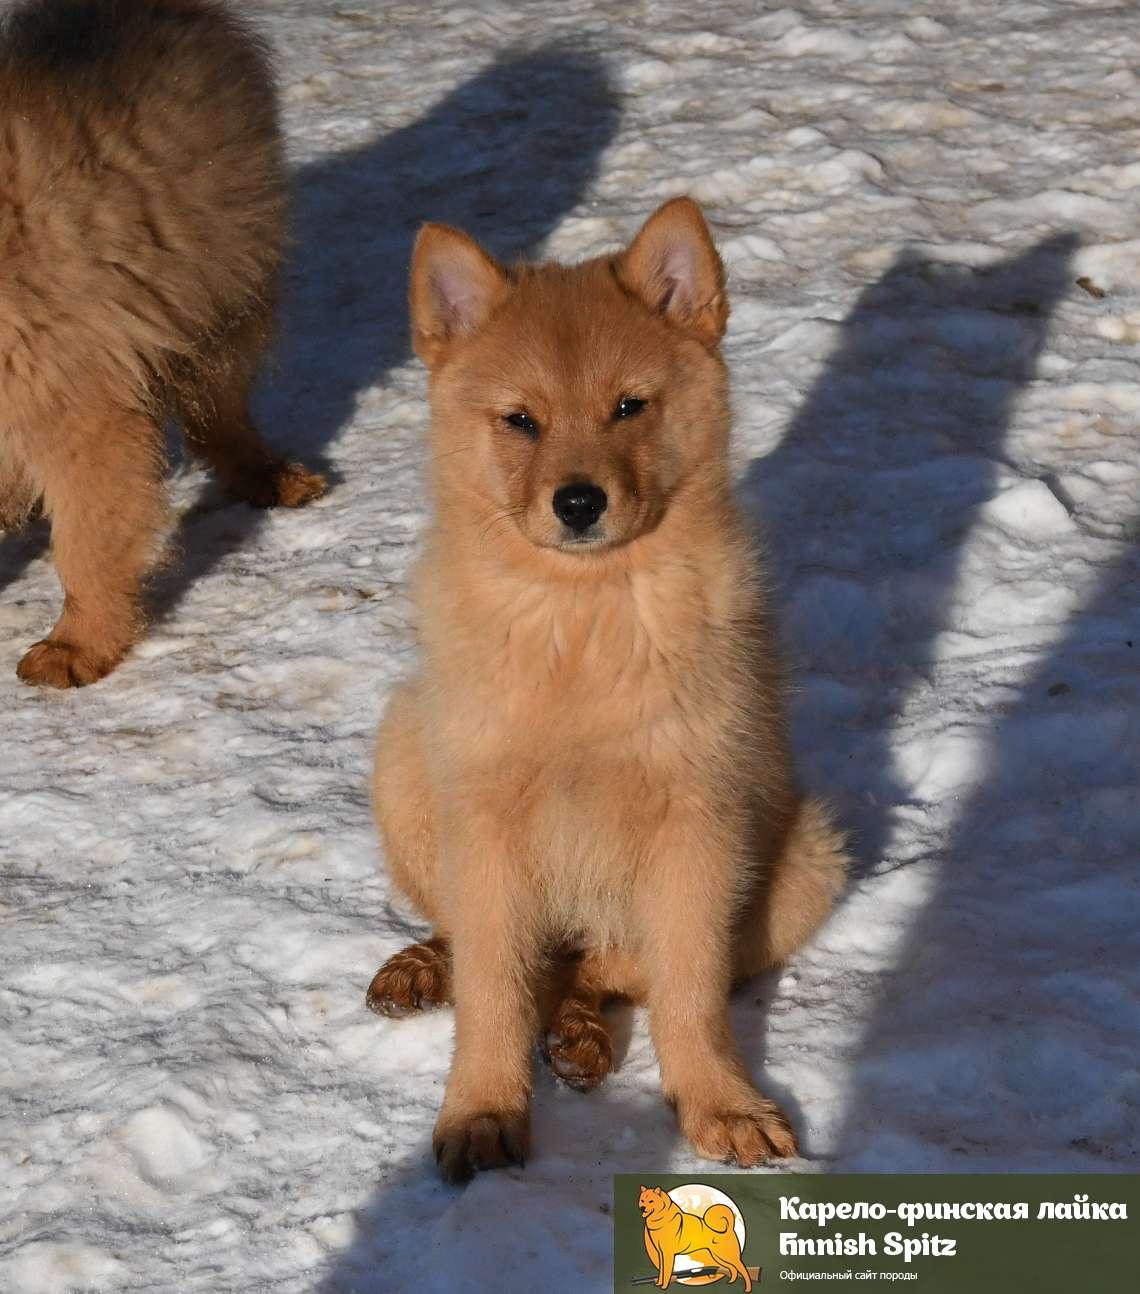 Прекрасный охотник – финский шпиц или карело-финская лайка